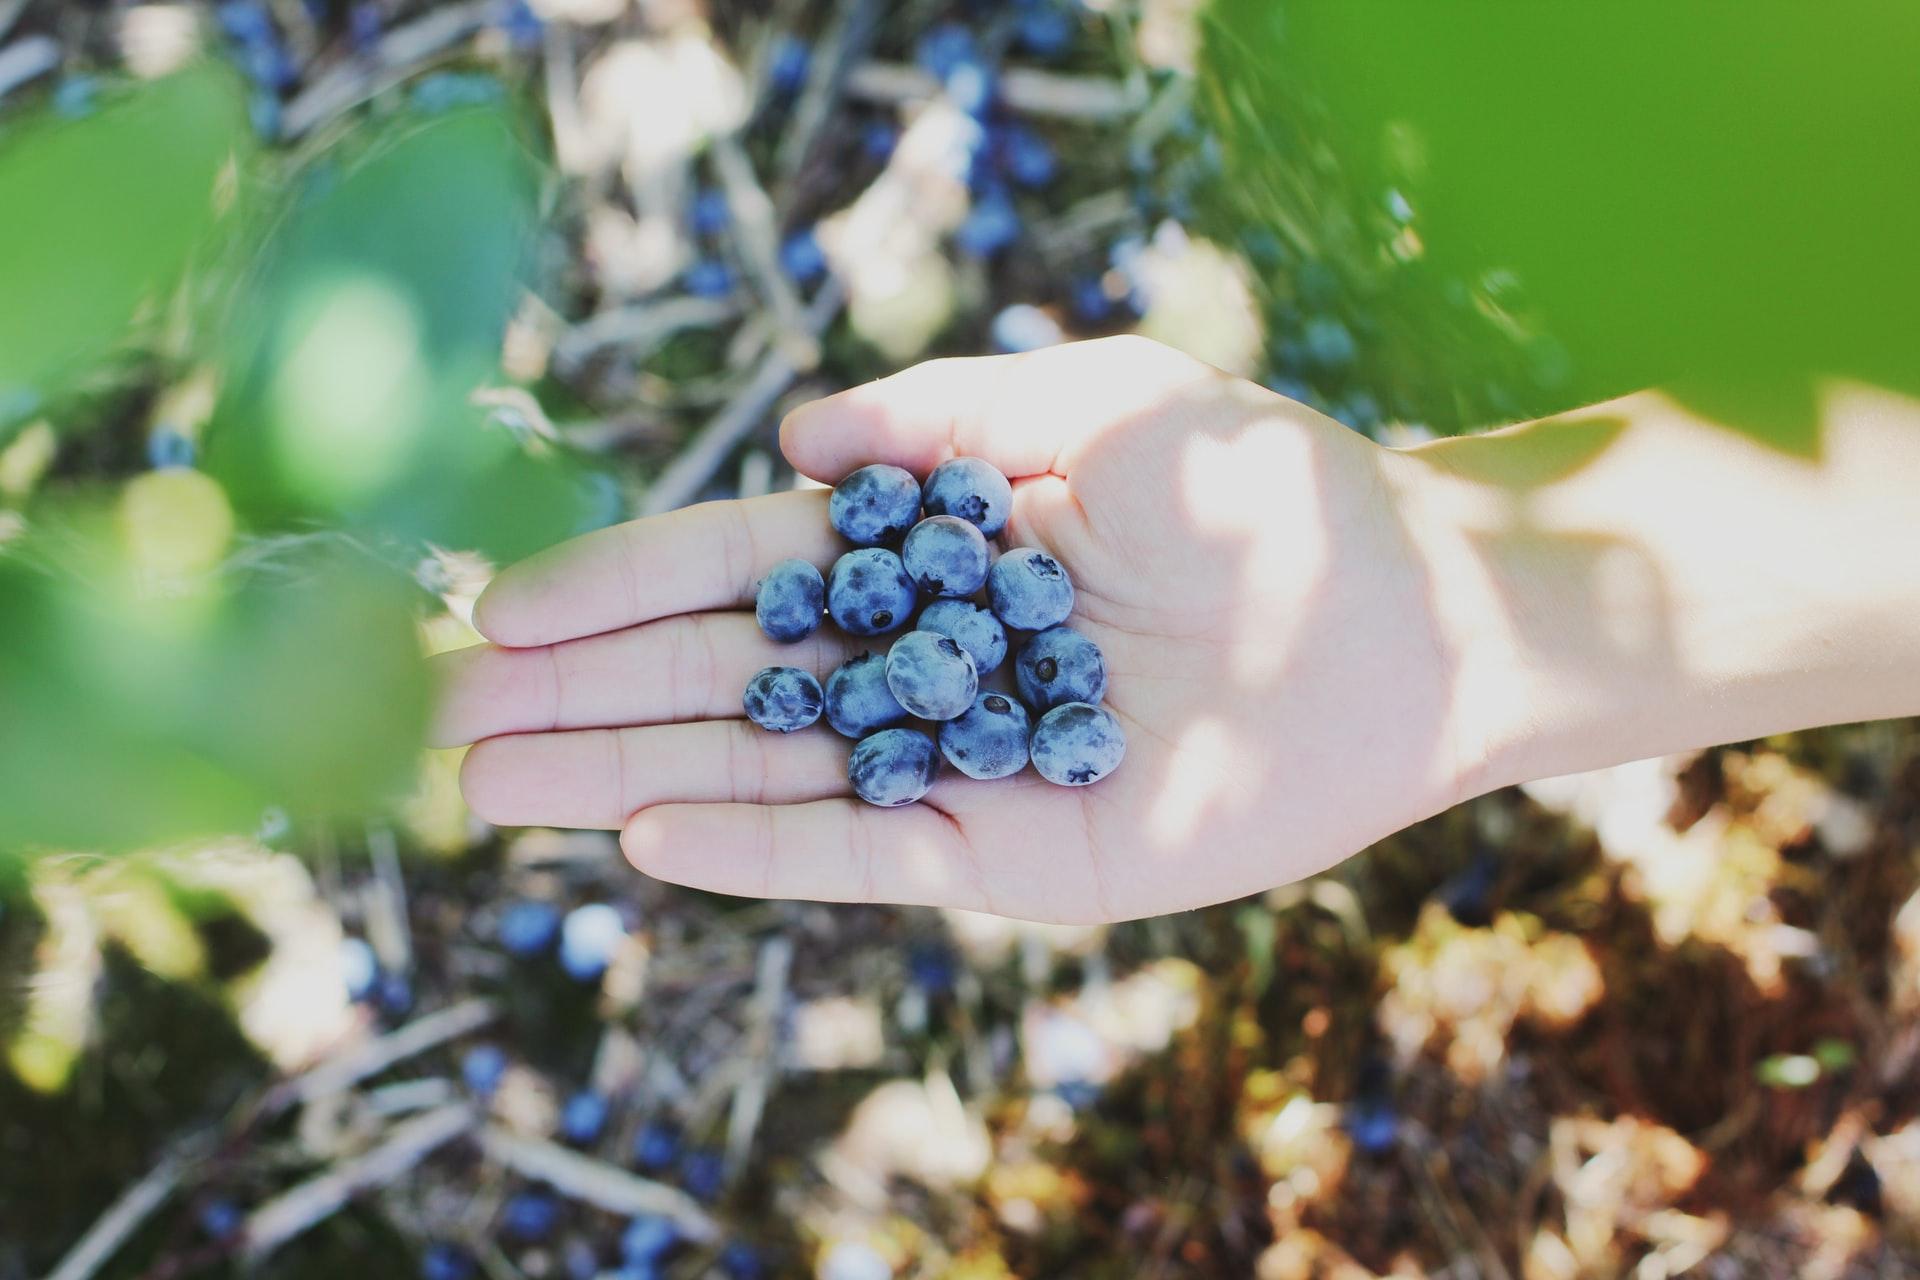 Atlanta Area Pick-Your-Own Blueberry Farms